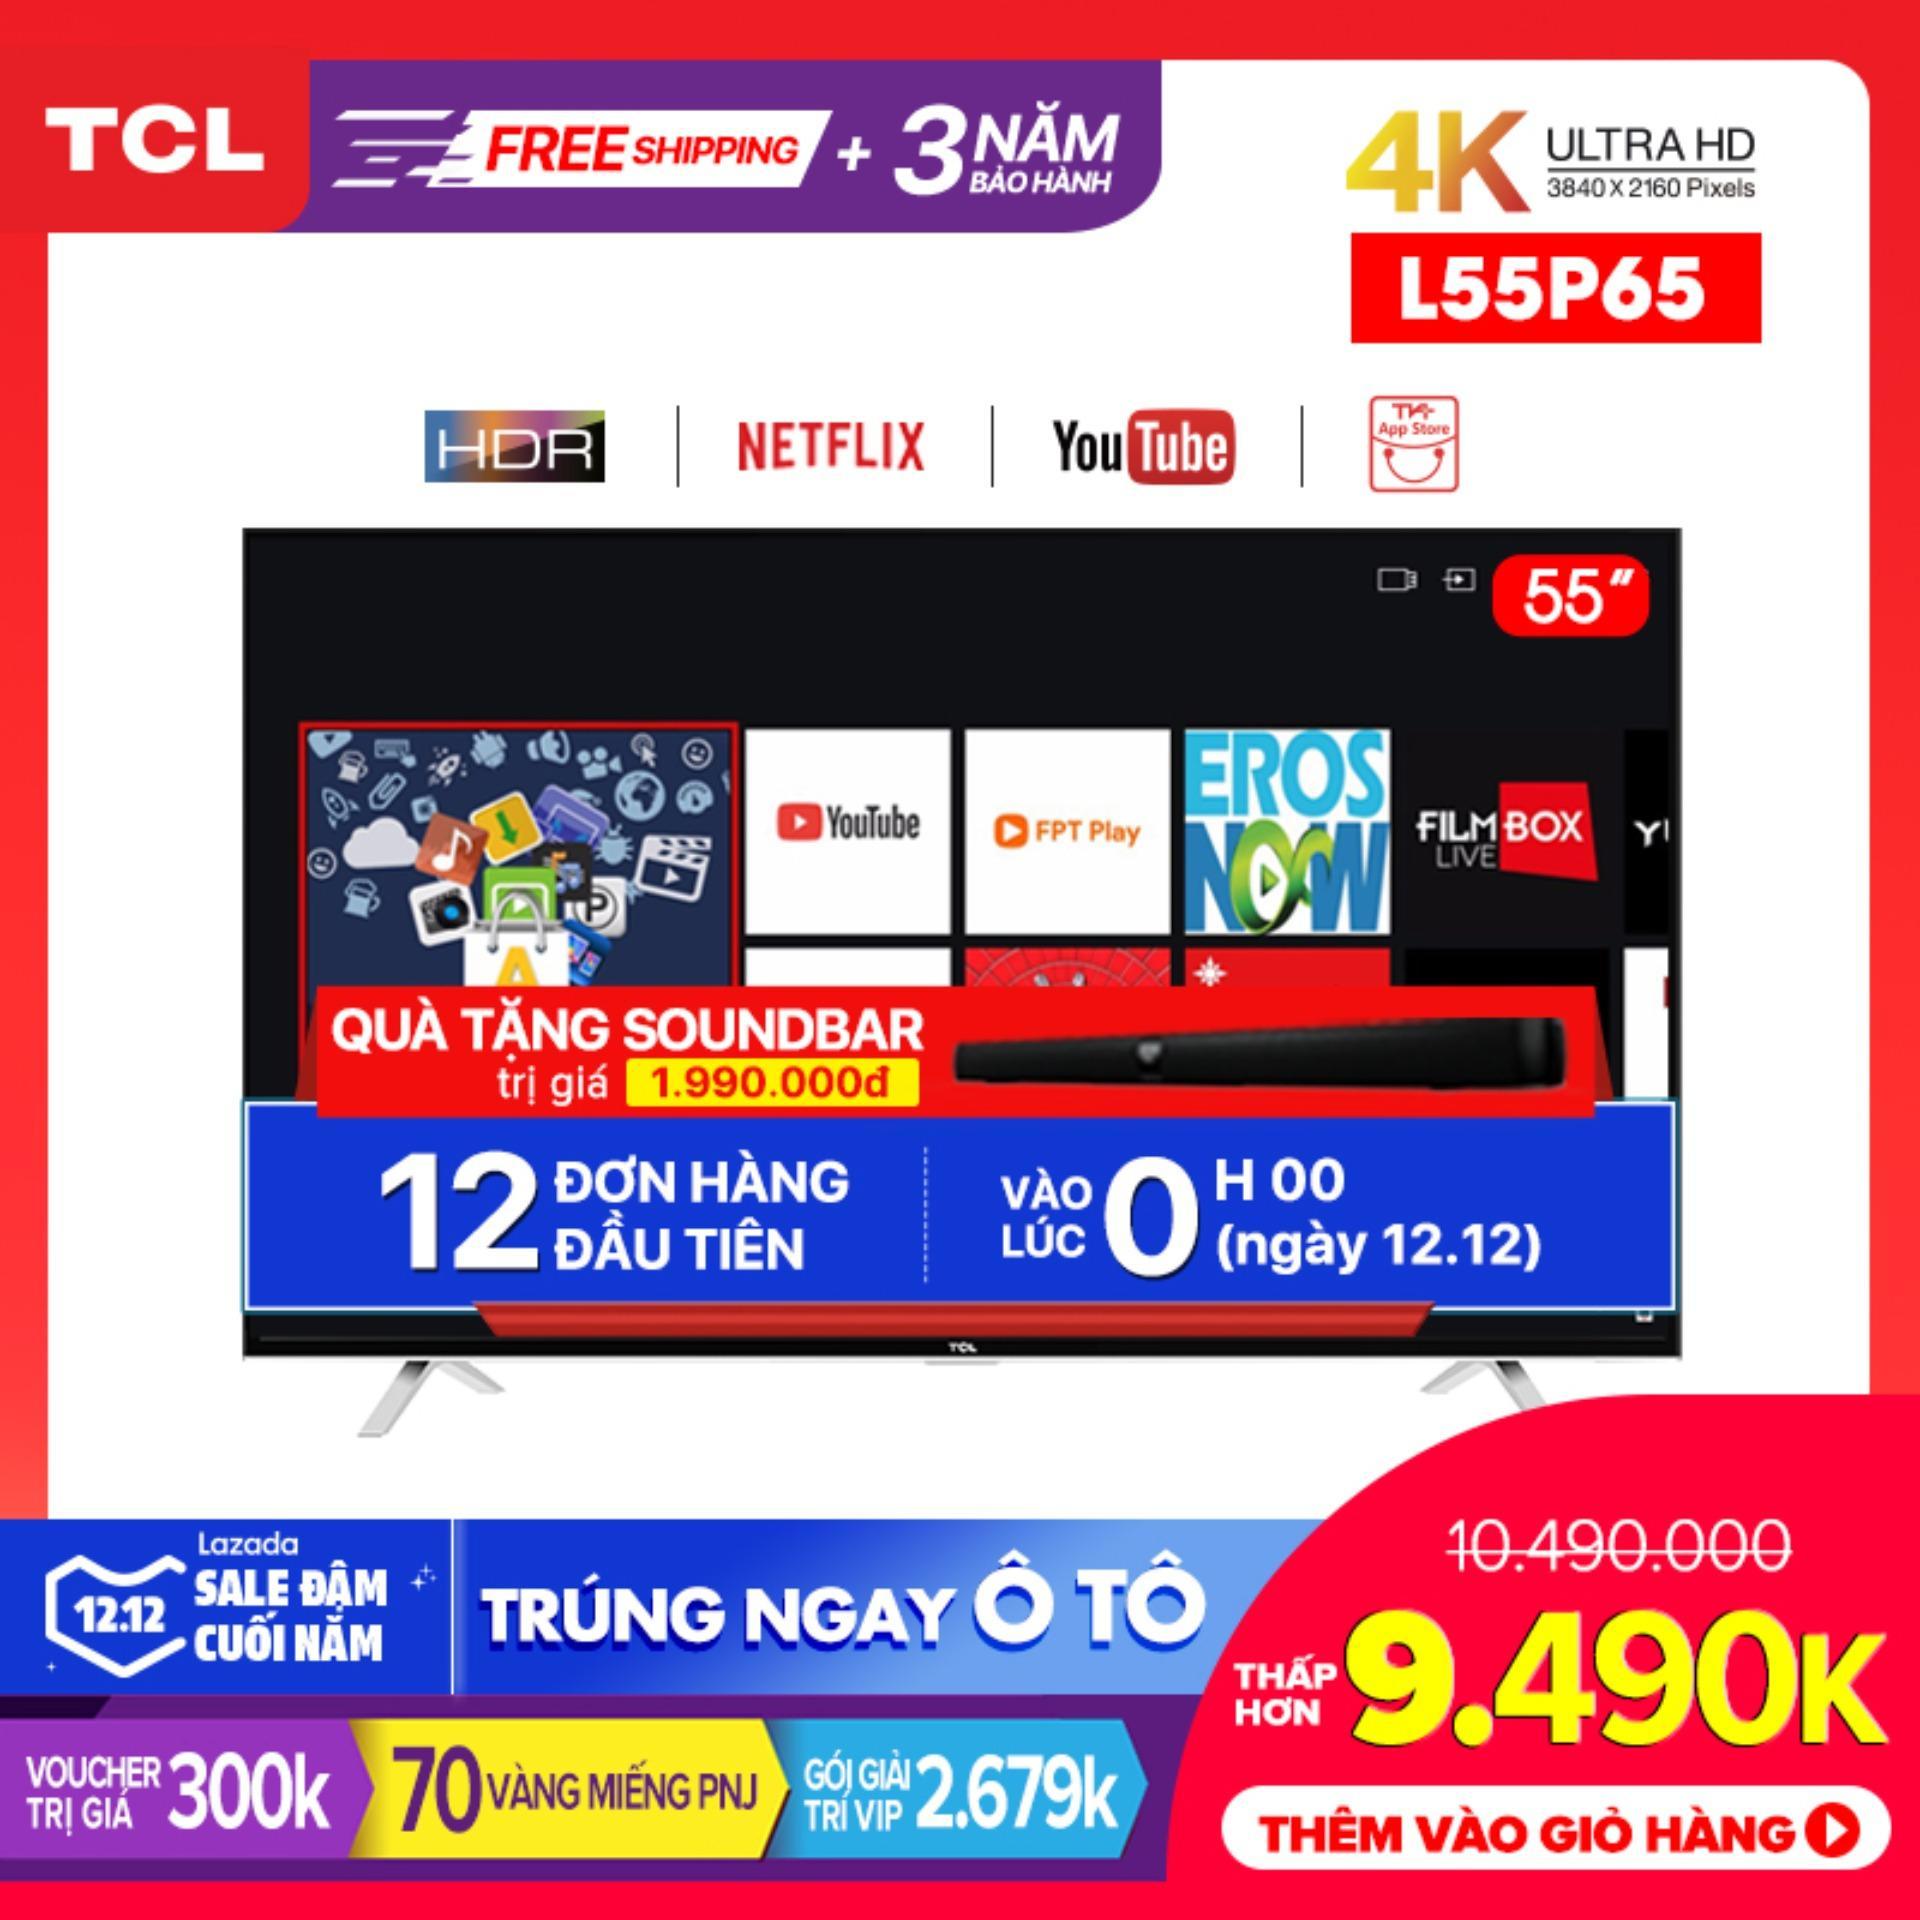 Deal Ưu Đãi Smart Tivi TCL 55 Inch 4K UHD L55P65 - HDR, Micro Dimming, Dolby, T-cast - Tivi Giá Rẻ Chất Lượng - Bảo Hành 3 Năm